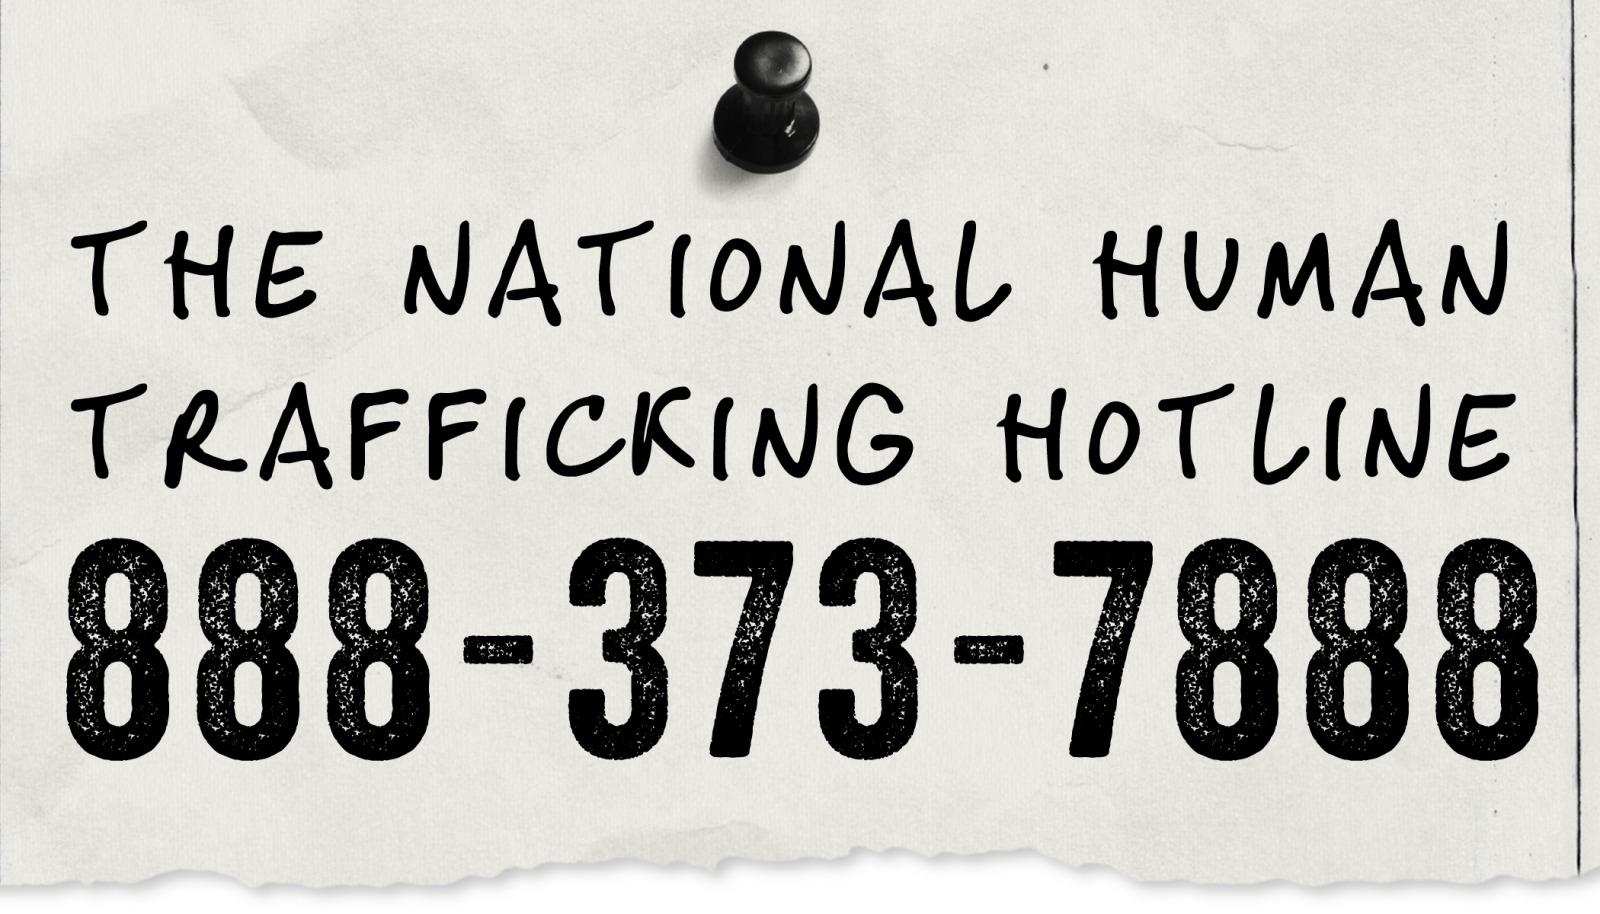 hotline.jpeg